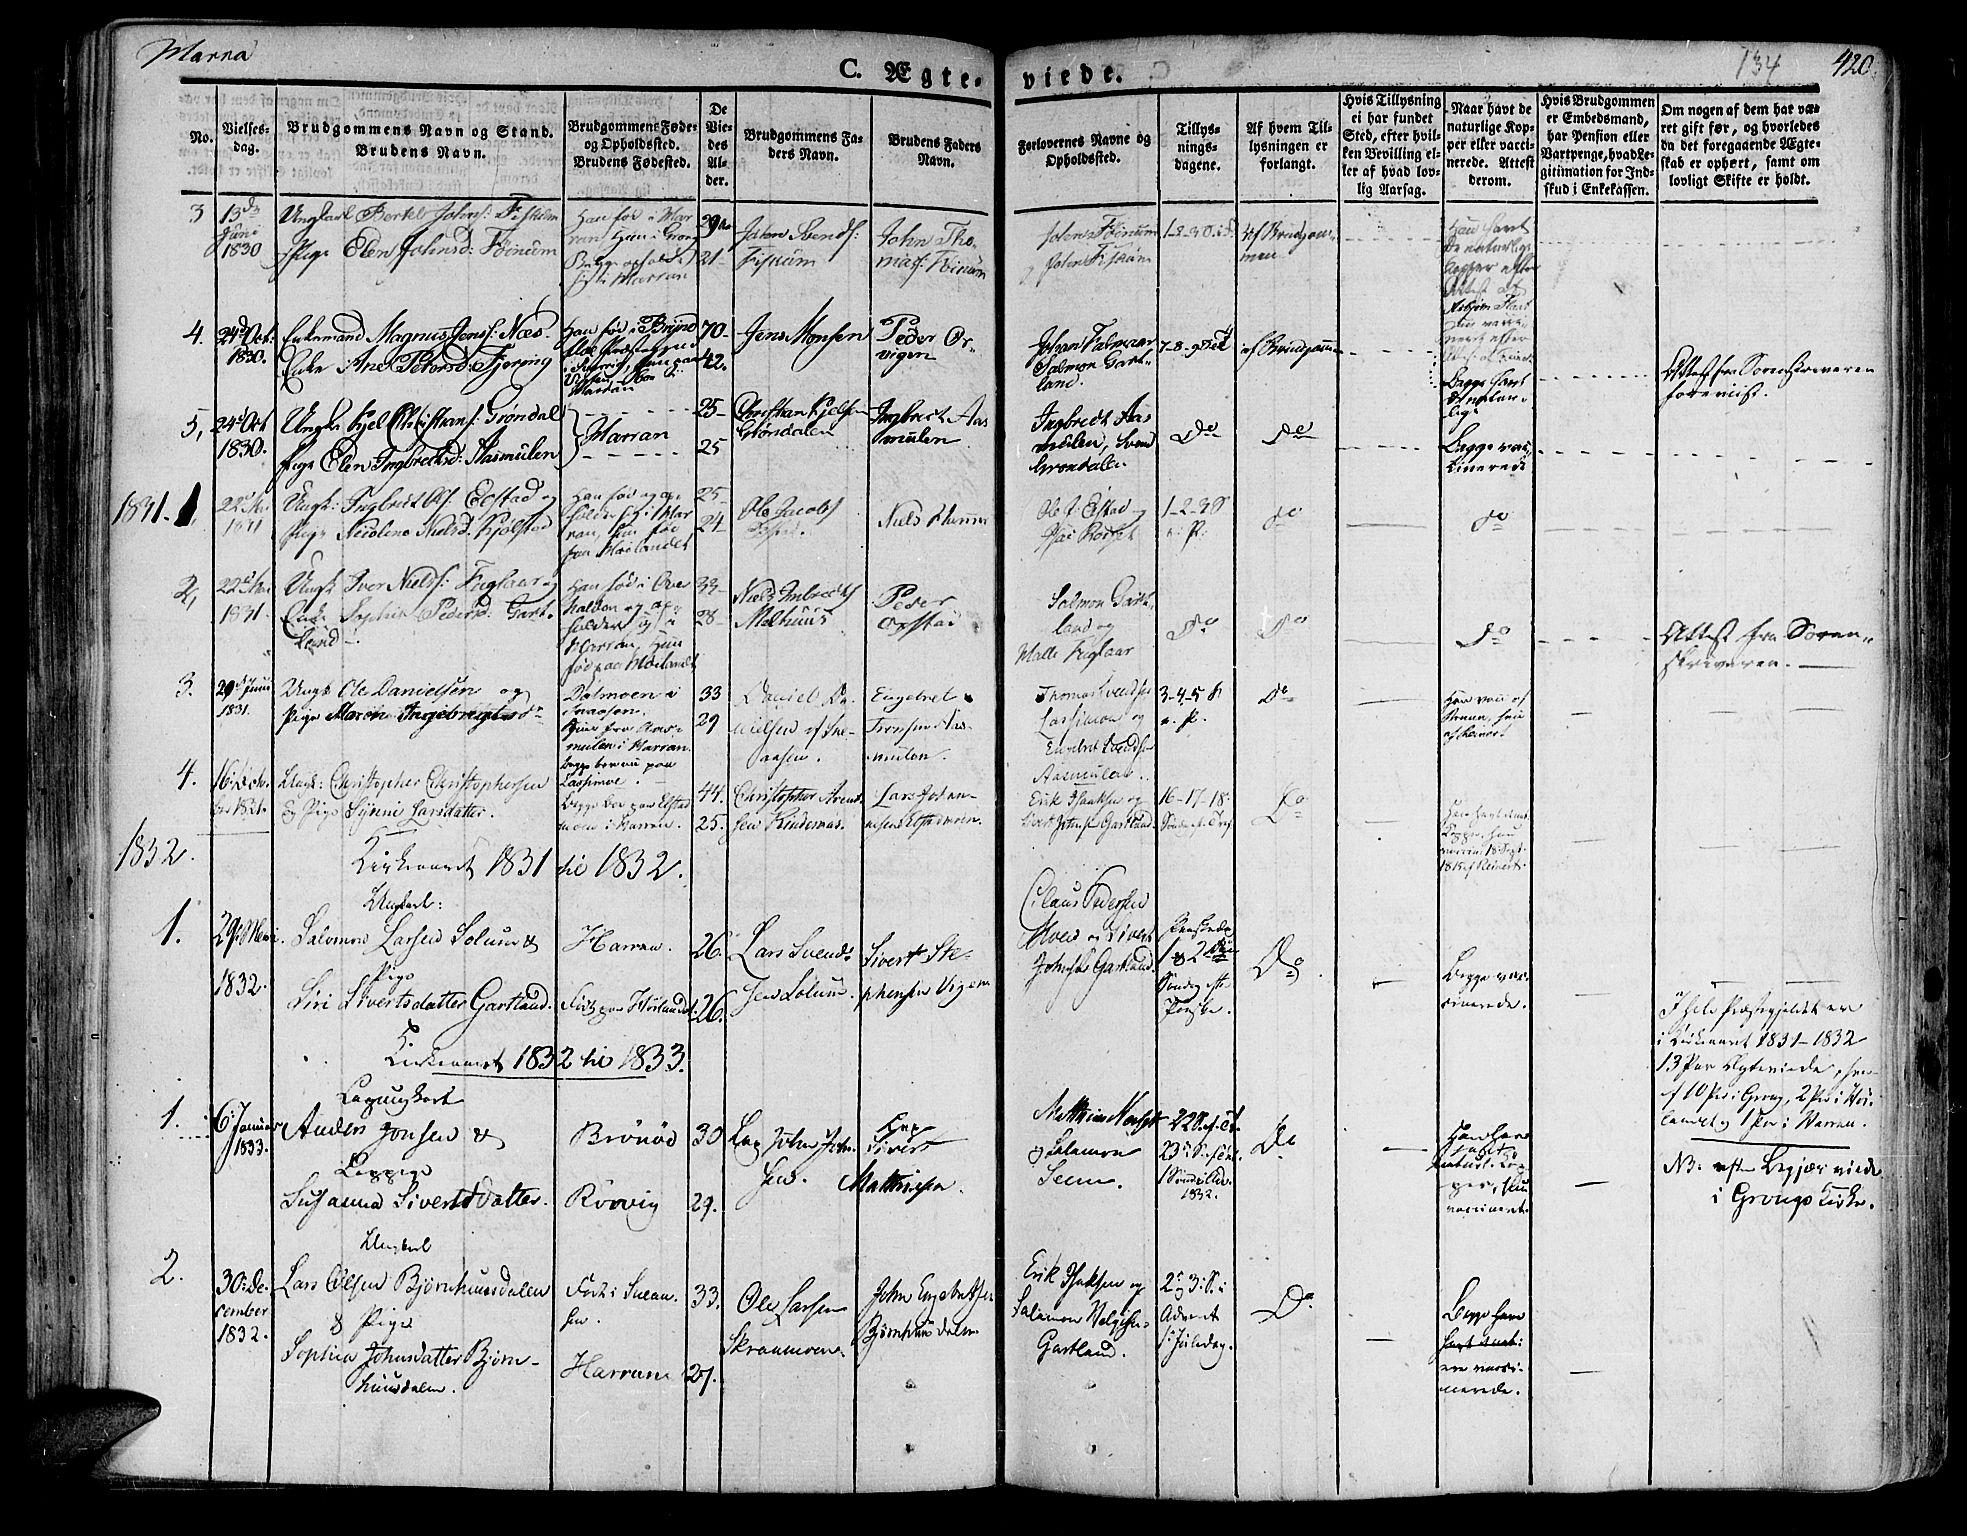 SAT, Ministerialprotokoller, klokkerbøker og fødselsregistre - Nord-Trøndelag, 758/L0510: Ministerialbok nr. 758A01 /3, 1821-1841, s. 134